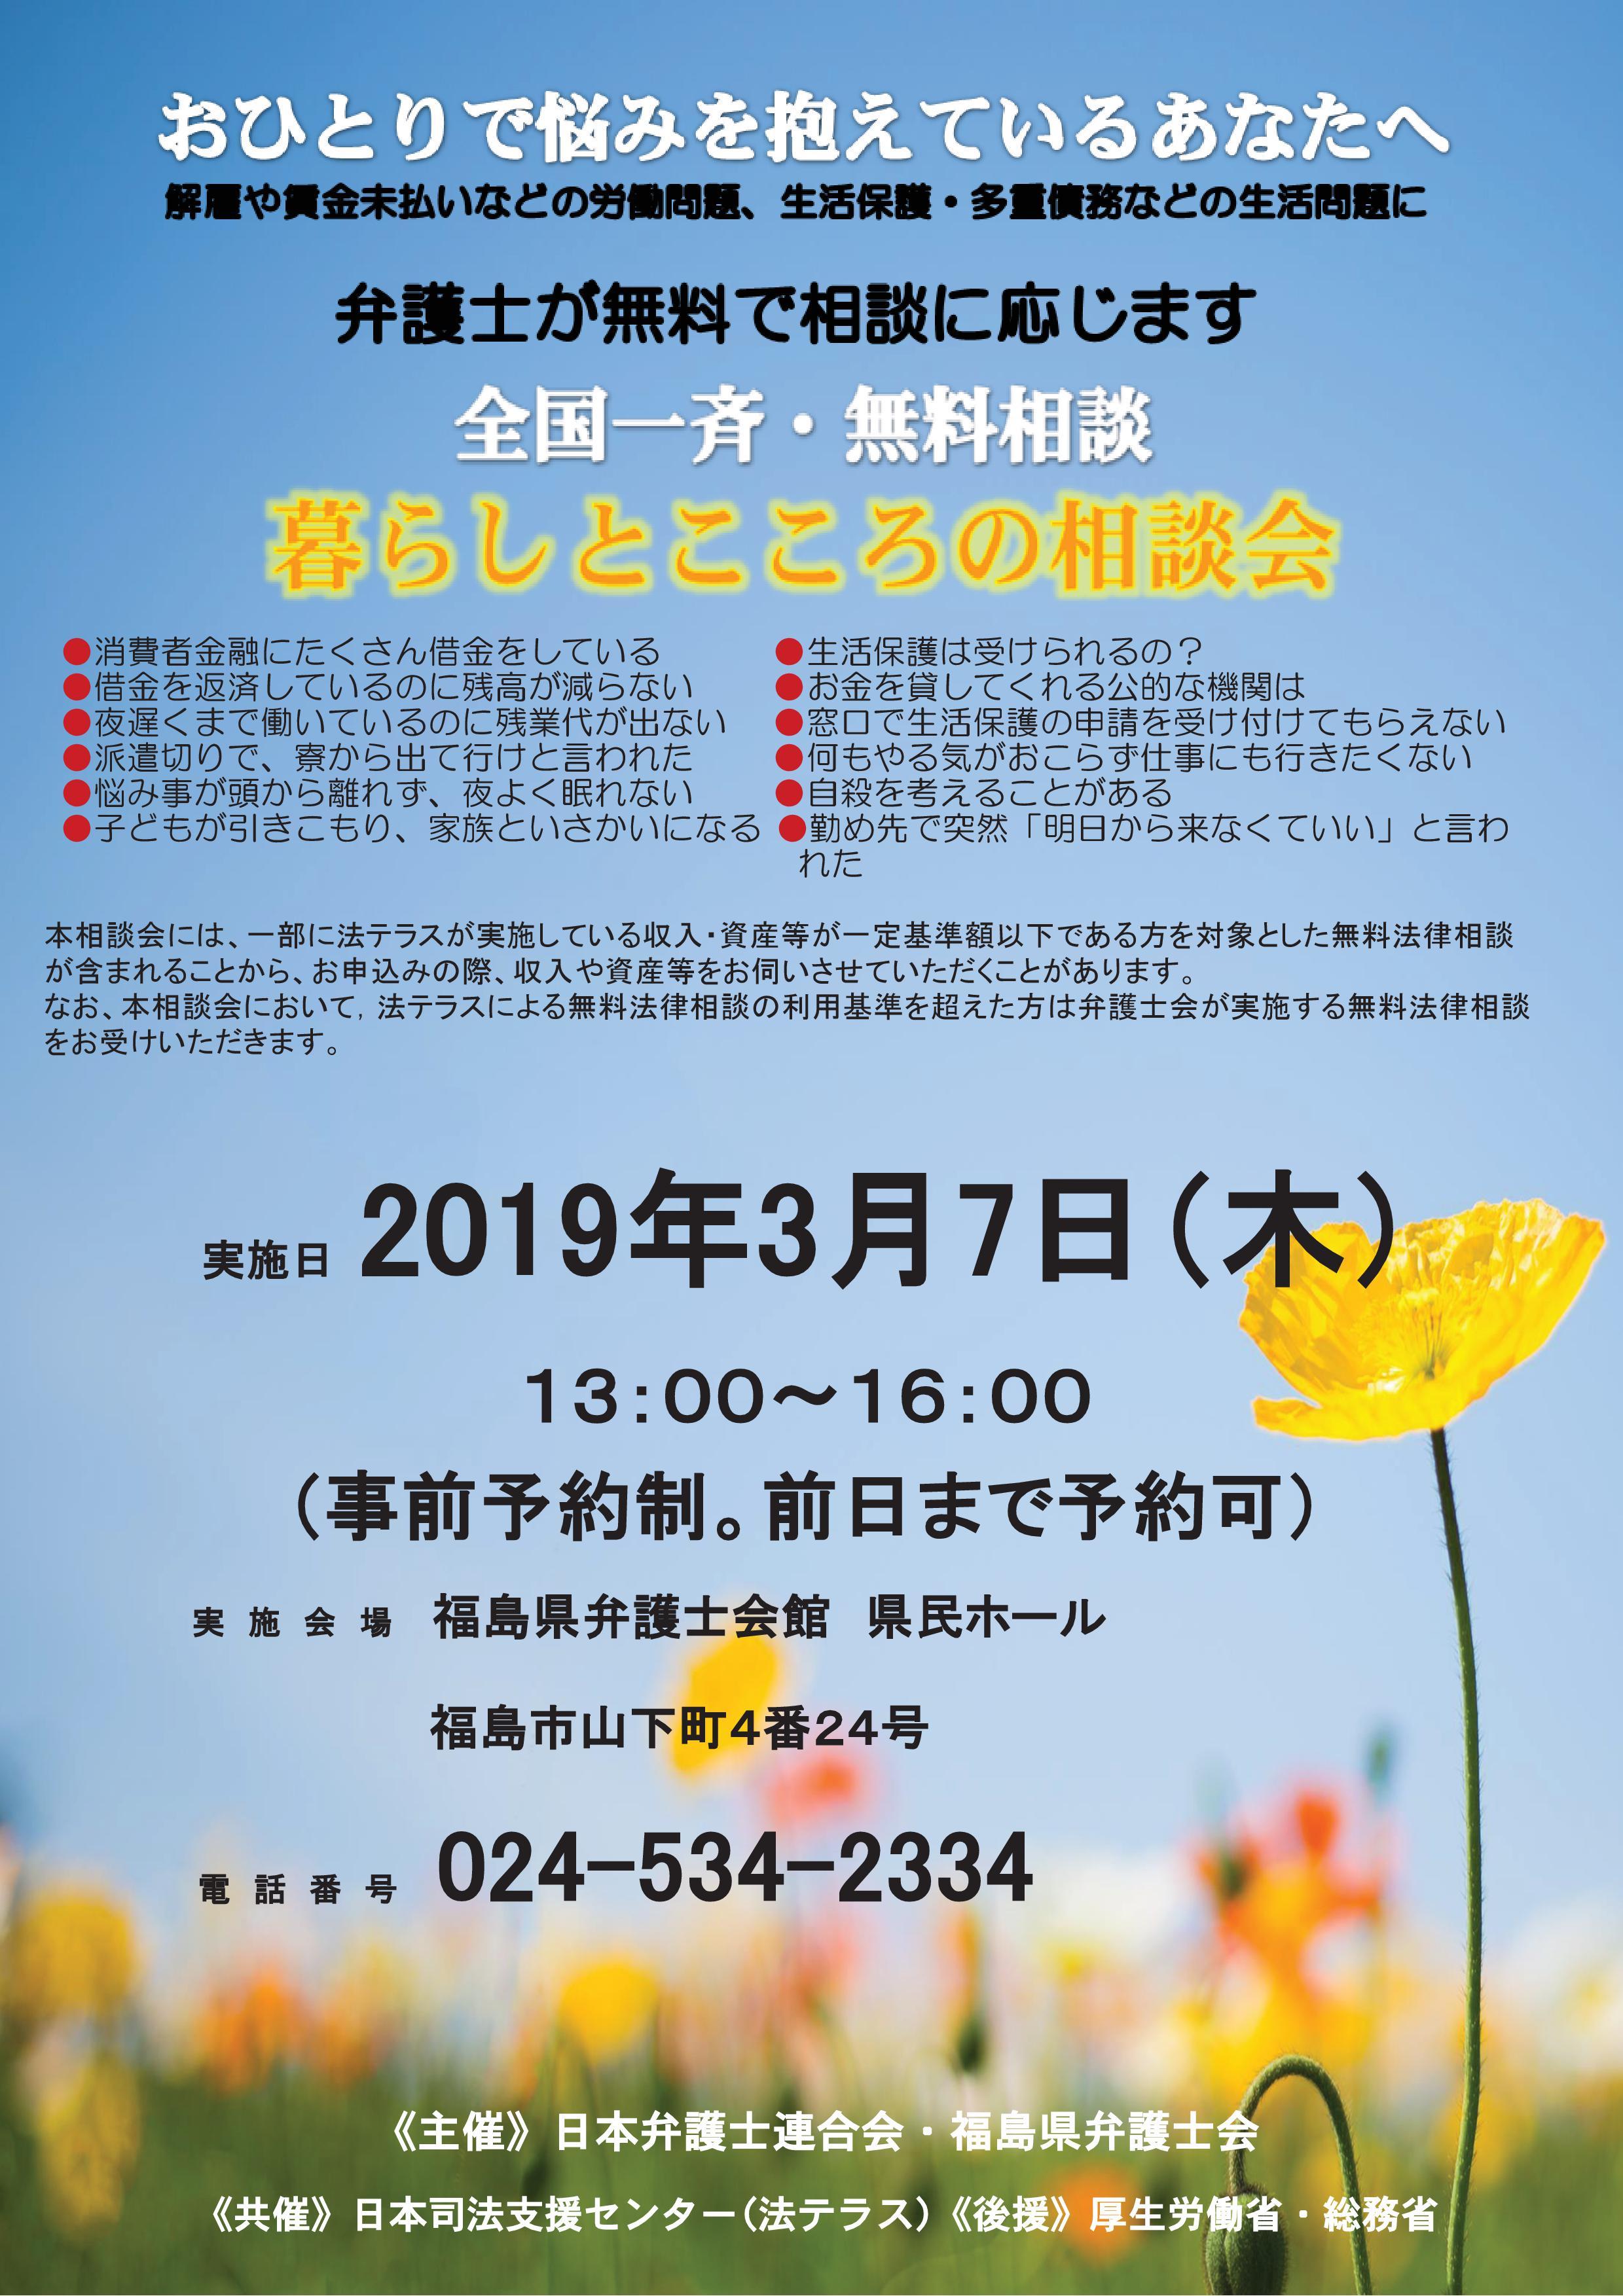 201903【暮らしとこころ】チラシ案(弁護士会修正)